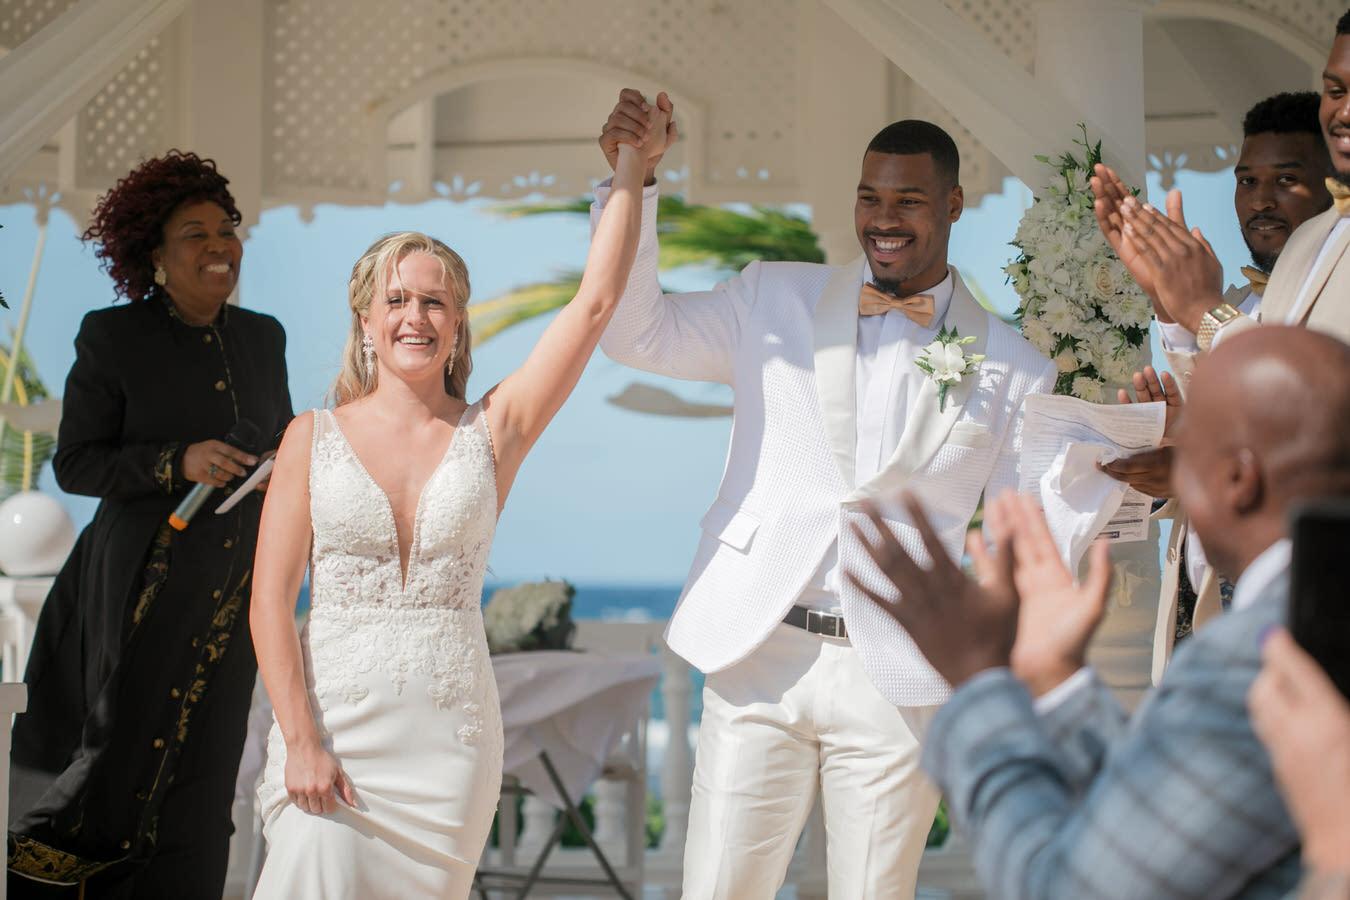 Ashley___Michael___Daniel_Ricci_Weddings_High_Res._Final_0187.jpg